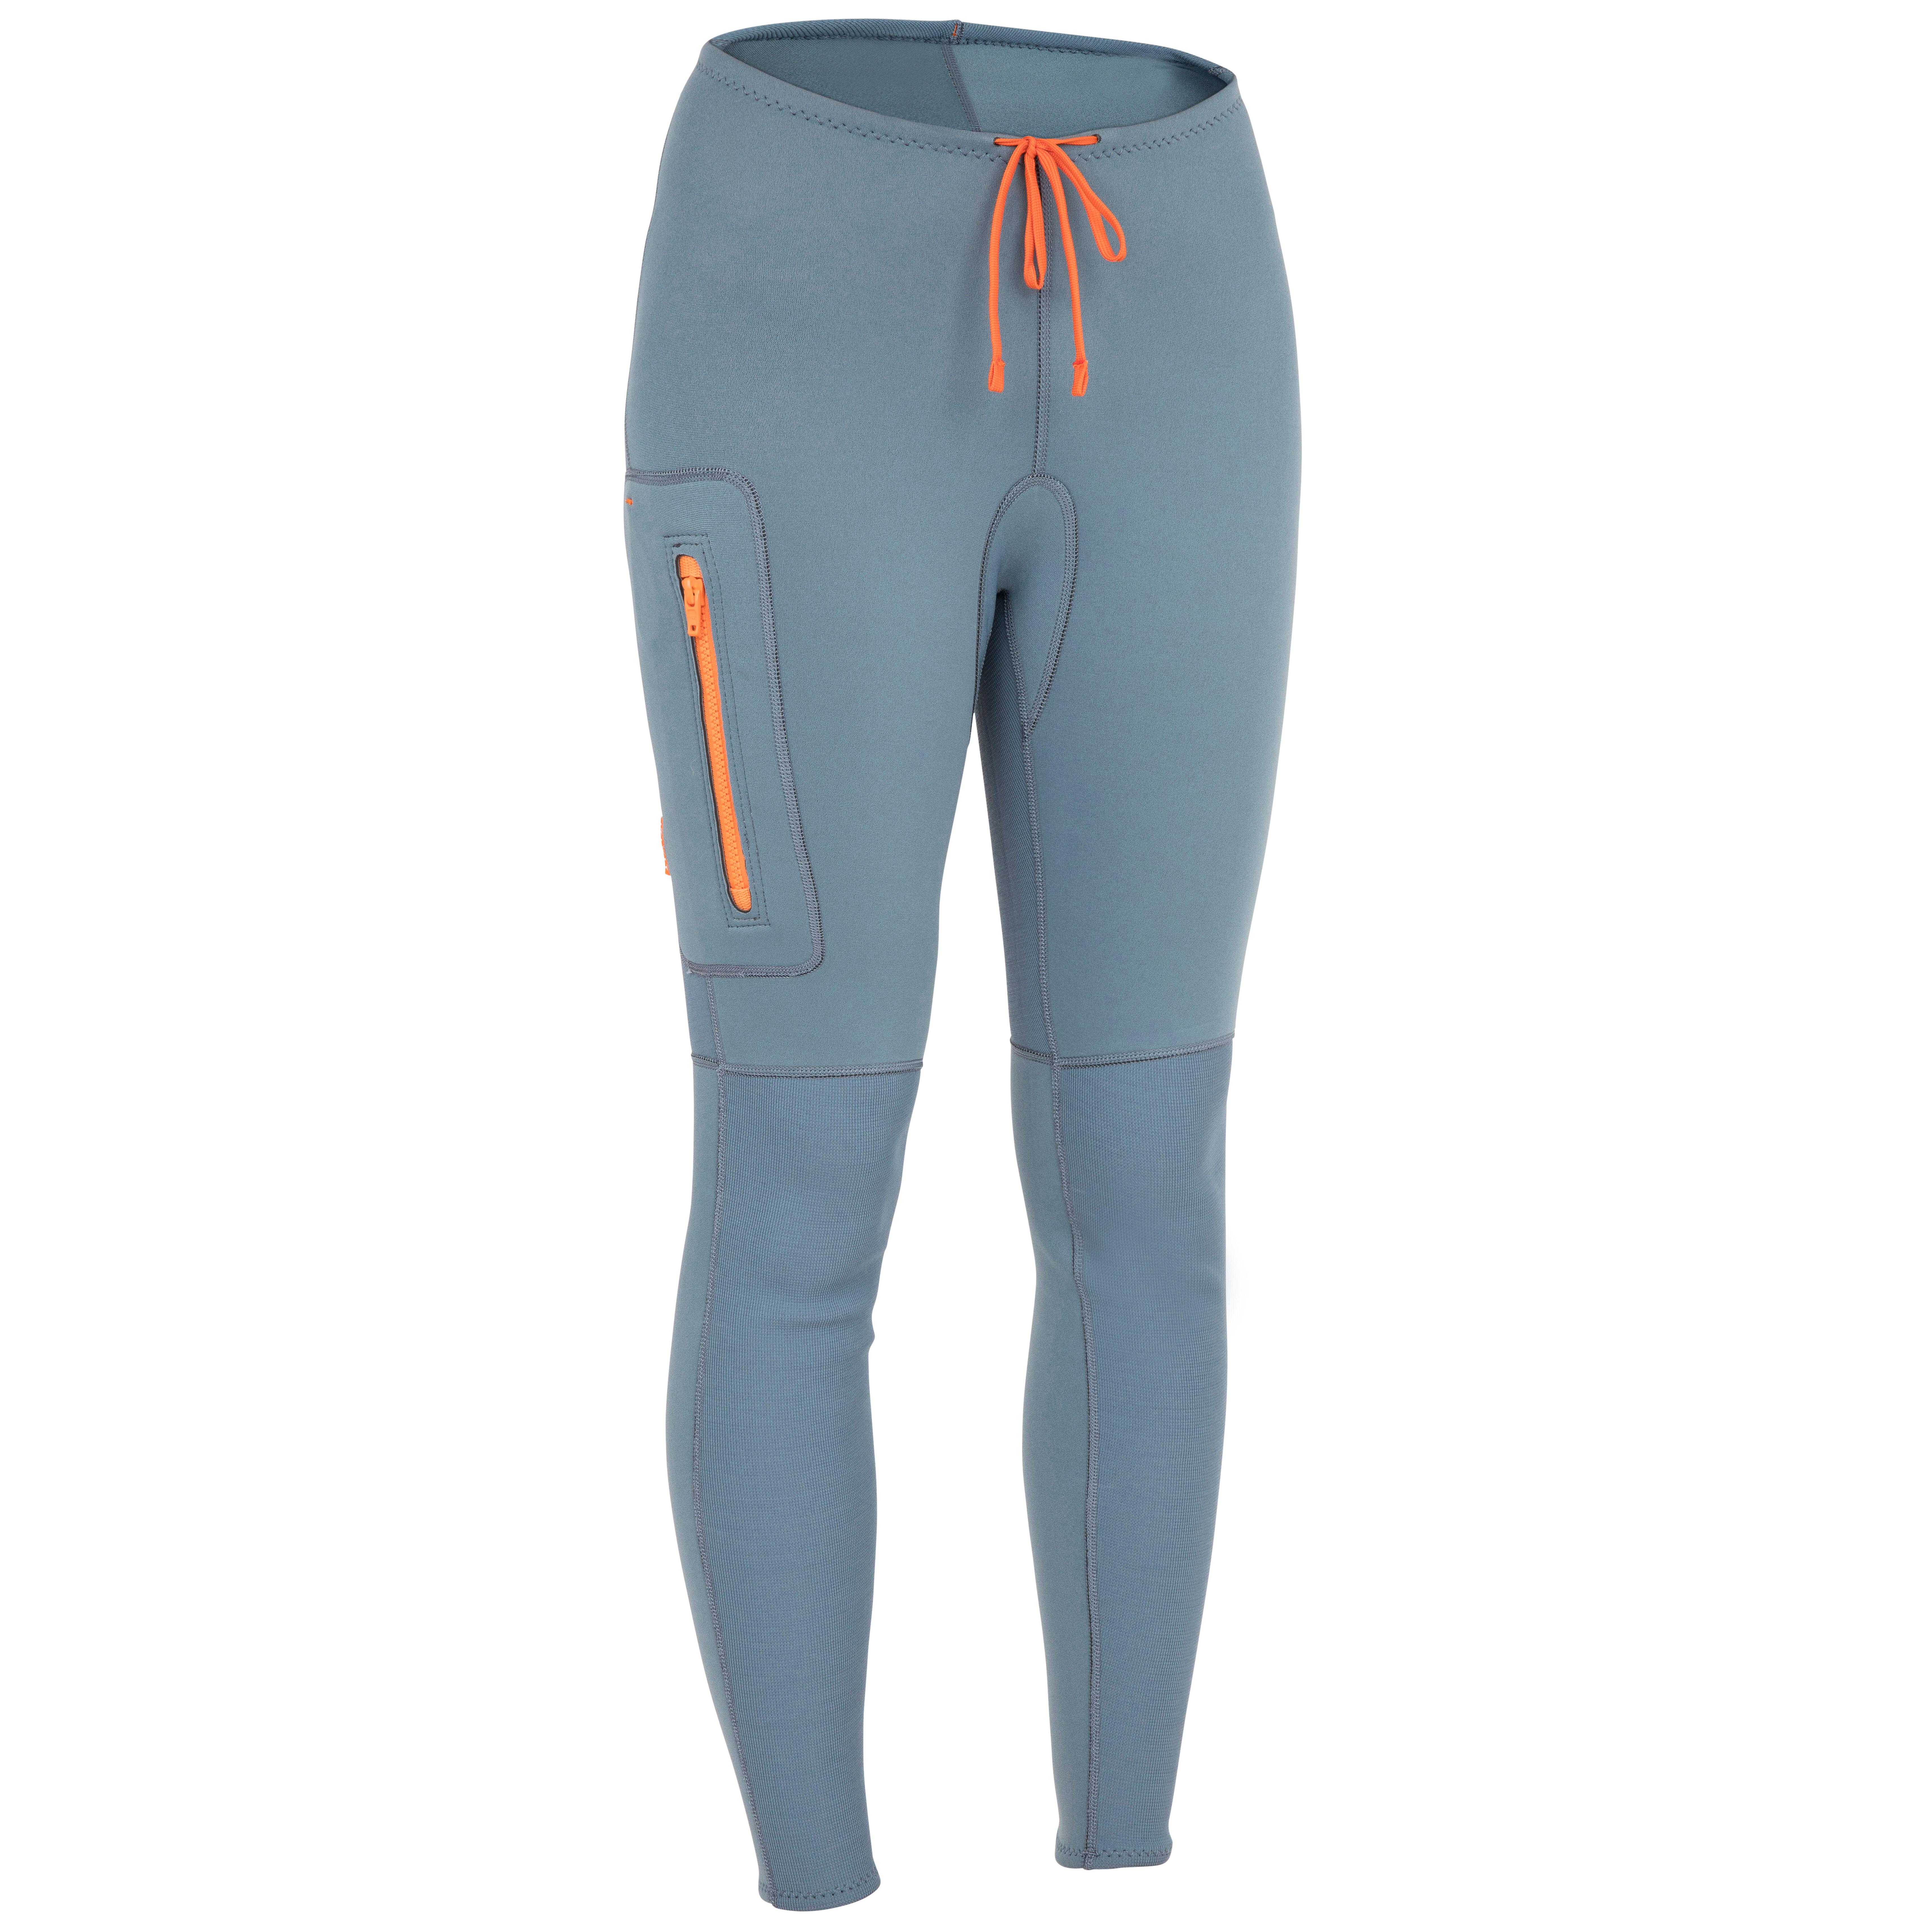 Pantalon Caiac 500 Damă imagine produs